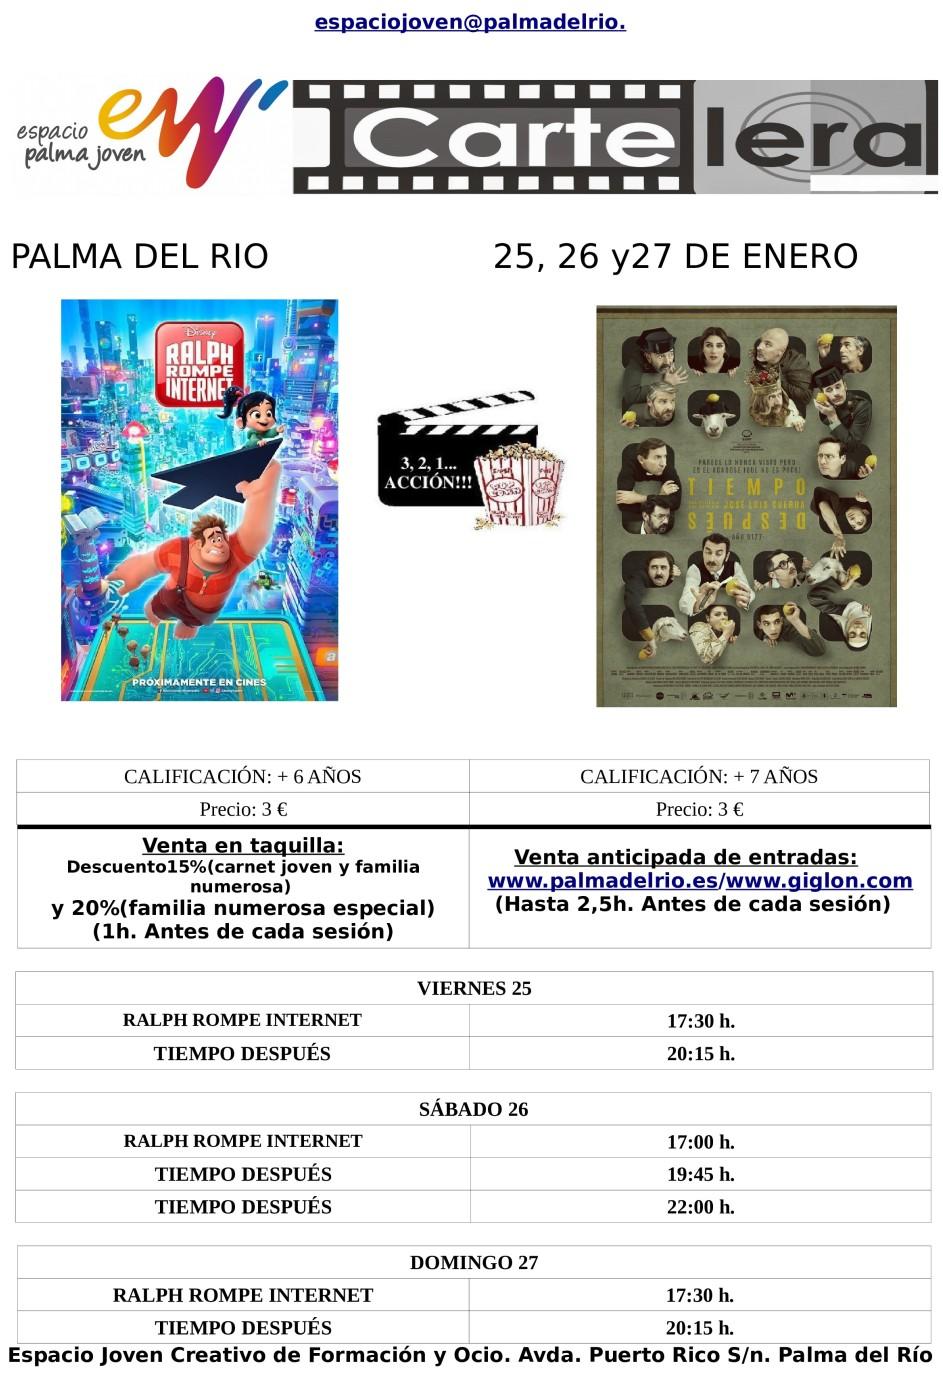 https://www.palmadelrio.es/sites/default/files/cine_25.26.27_enero_2019.jpg